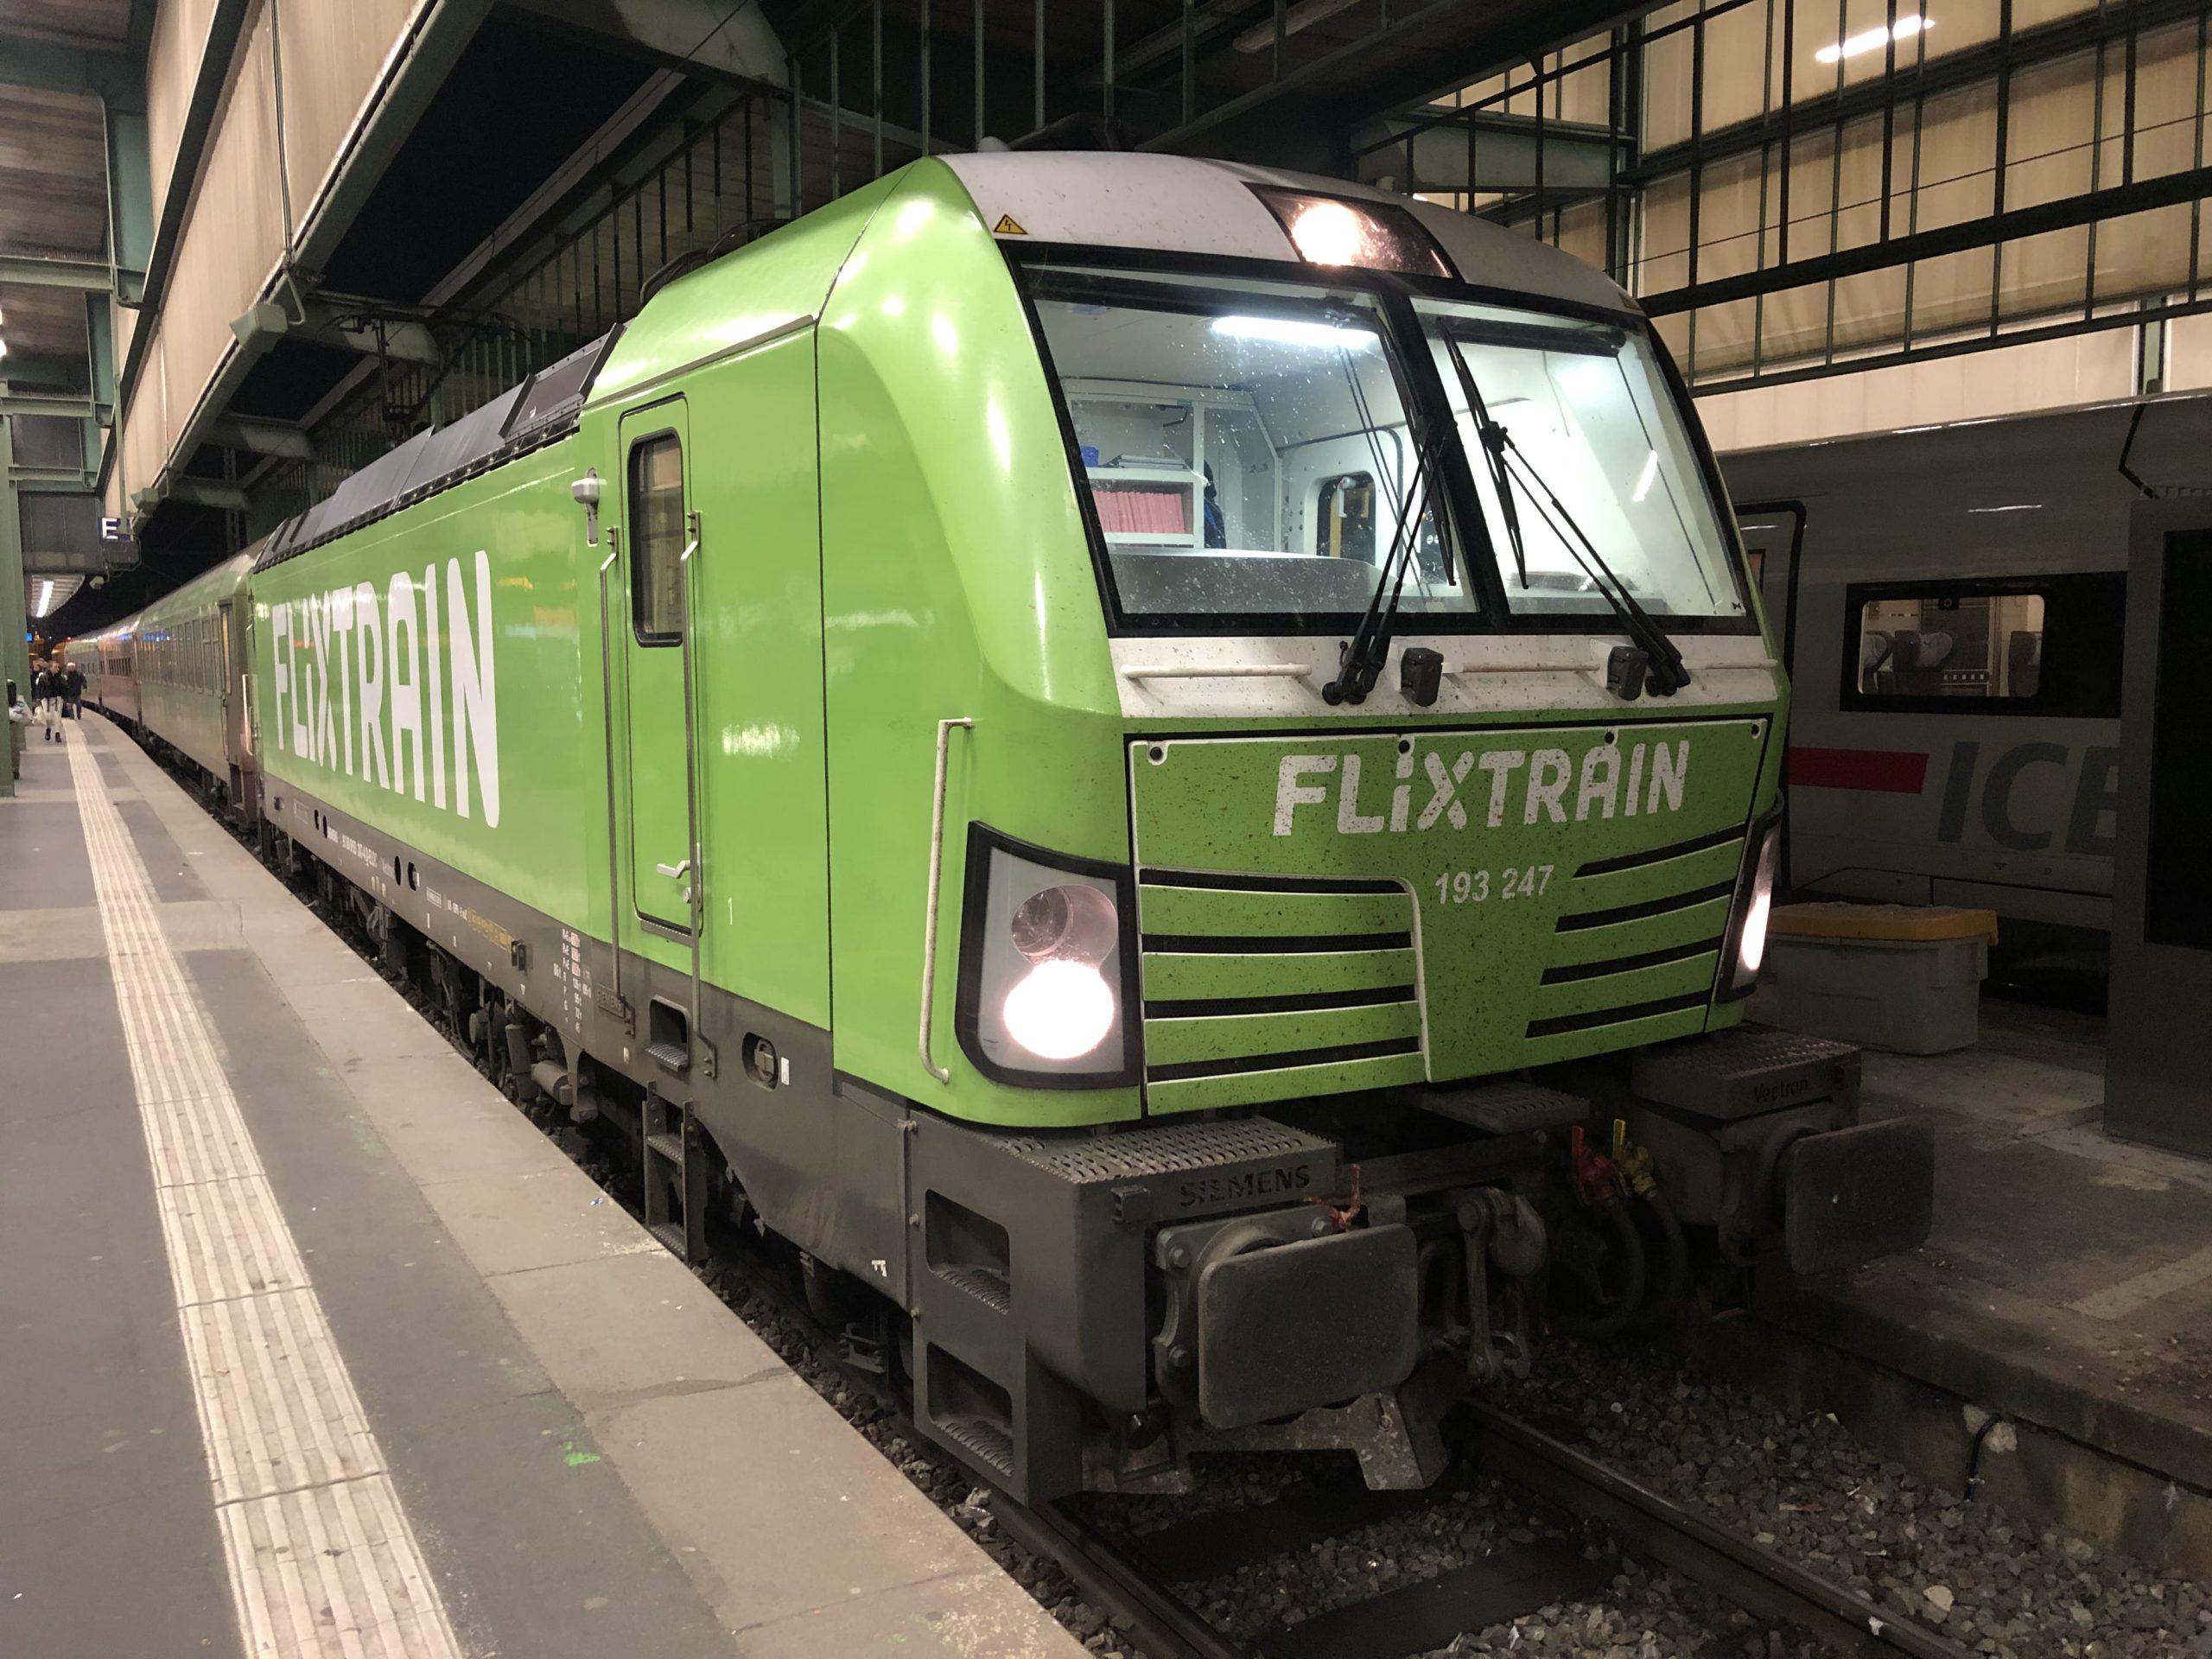 ©Foto: Jan Krehl | railmen | Vectron, Baureihe 193 bespannter FLIXTRAIN